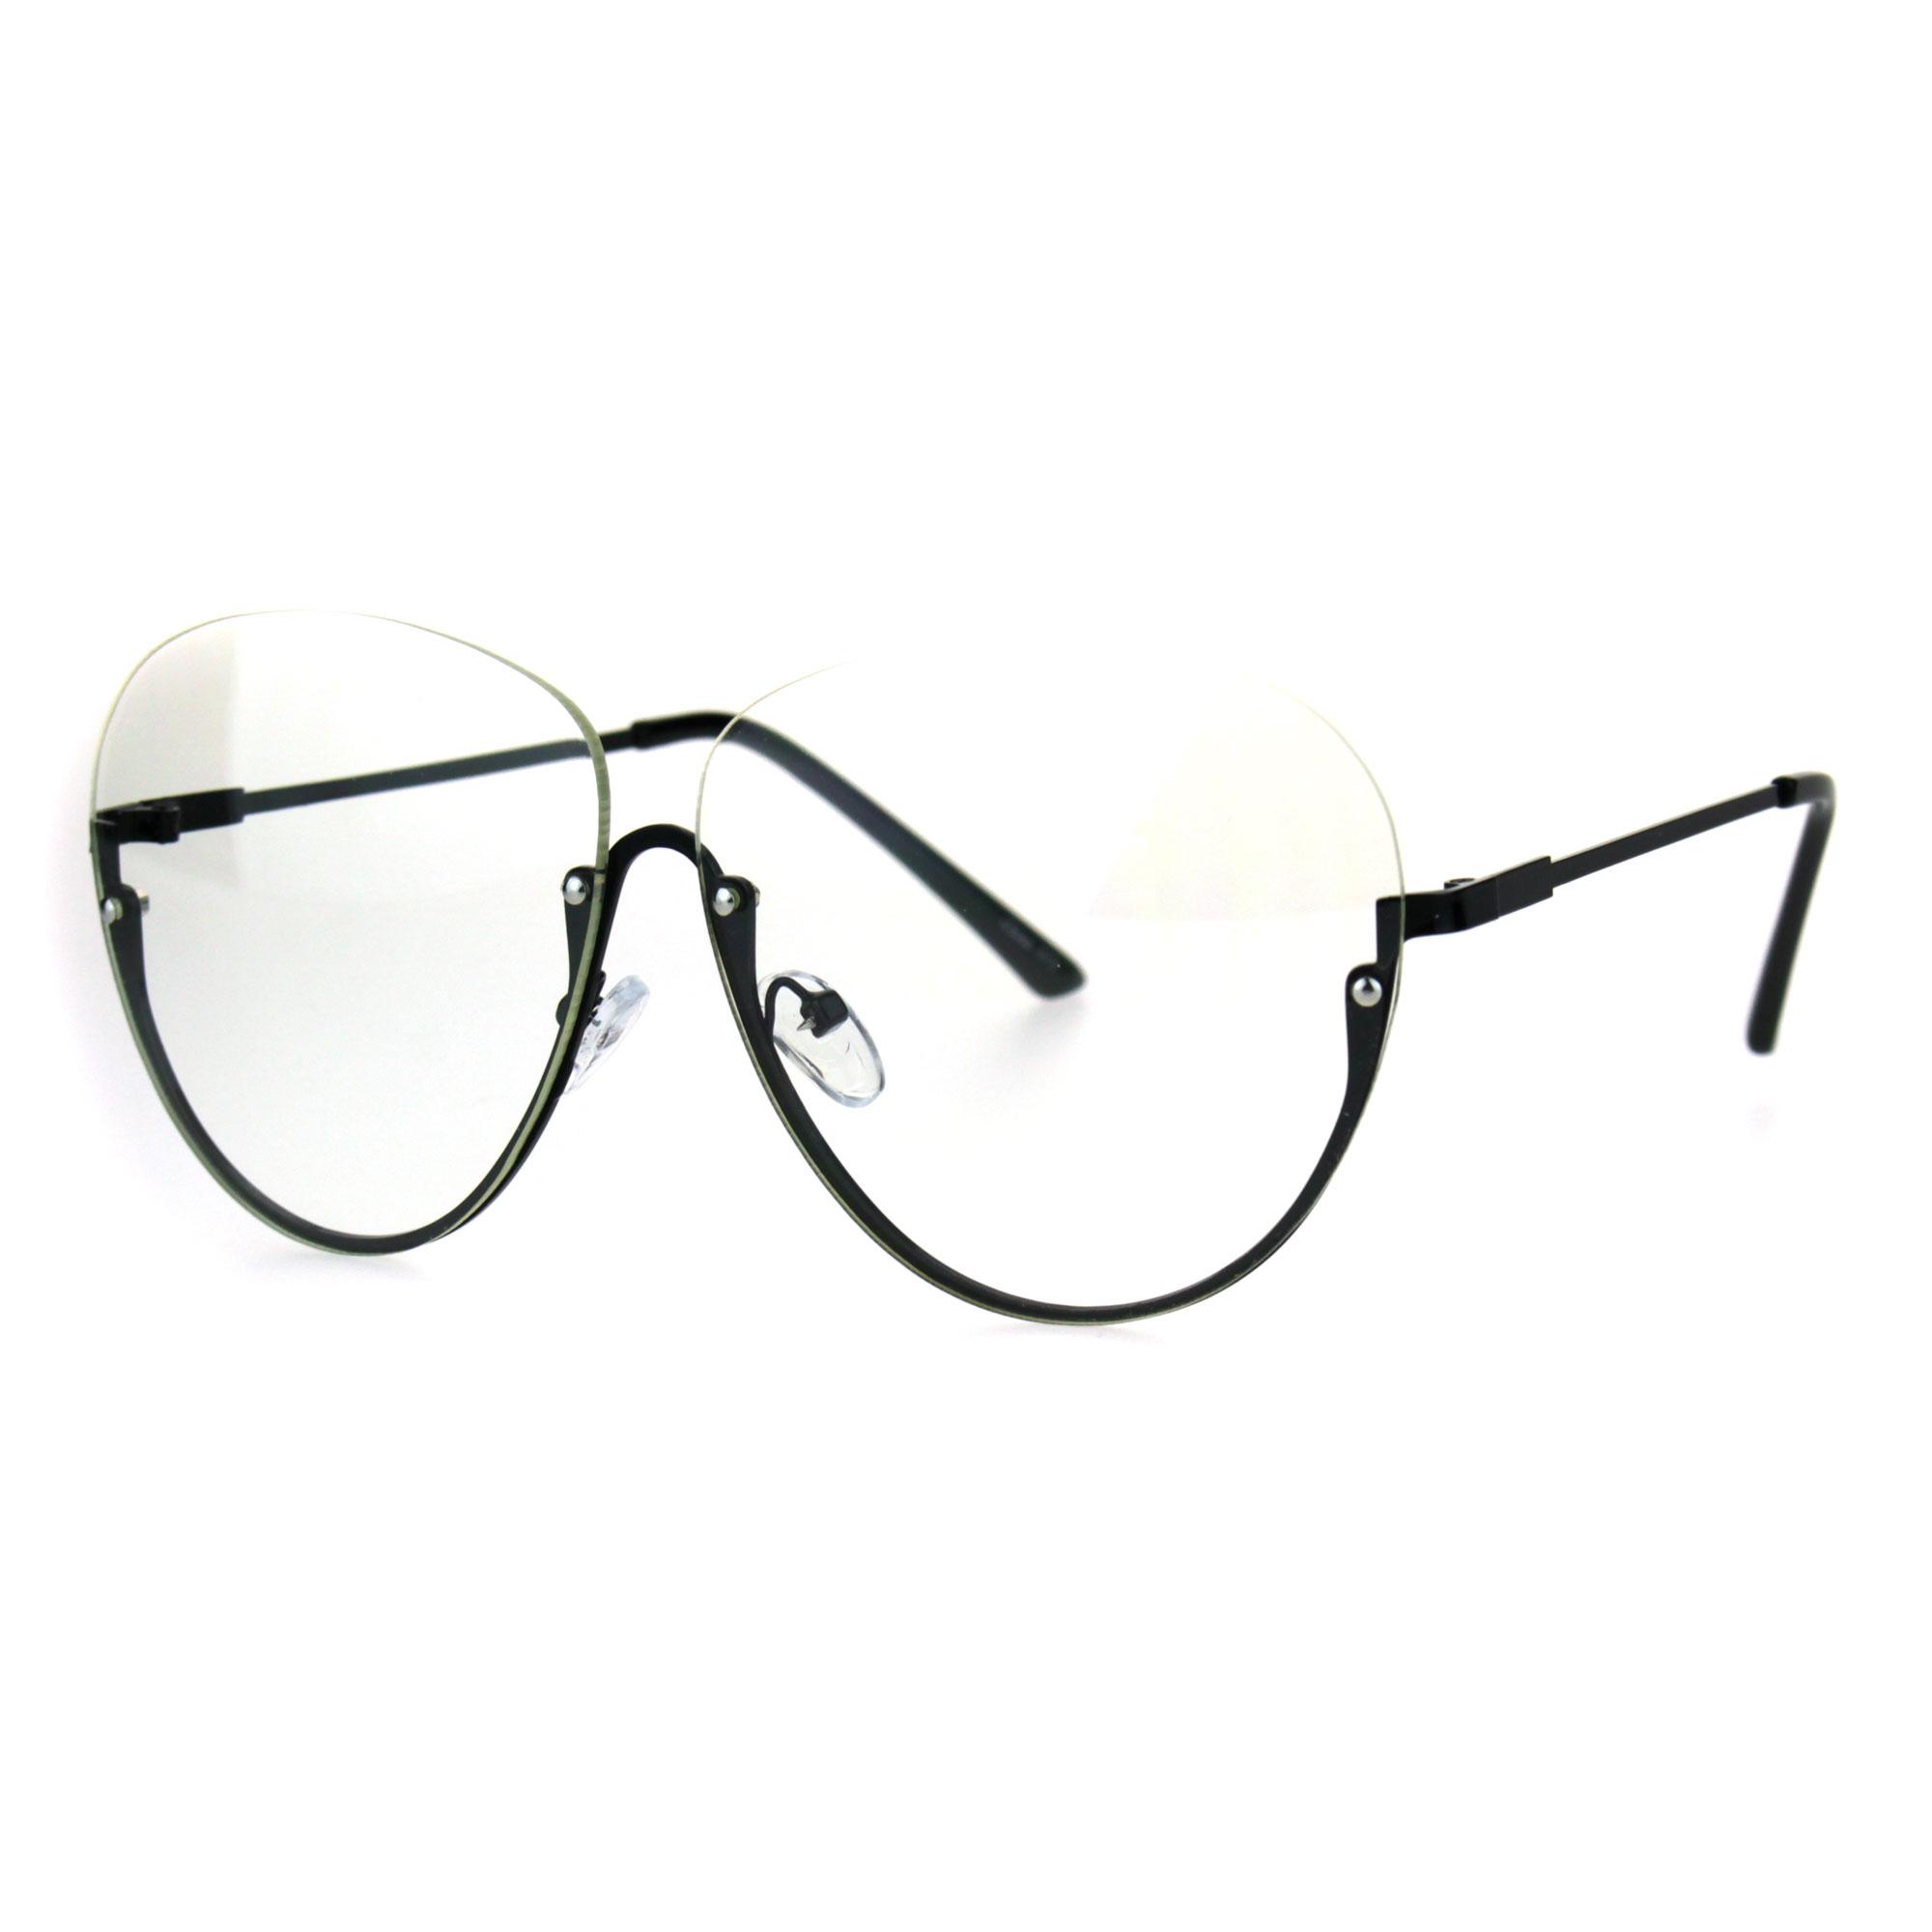 af27d62f51 Womens Upside Down Half Rim Granny Oversize Clear Lens Eye Glasses ...